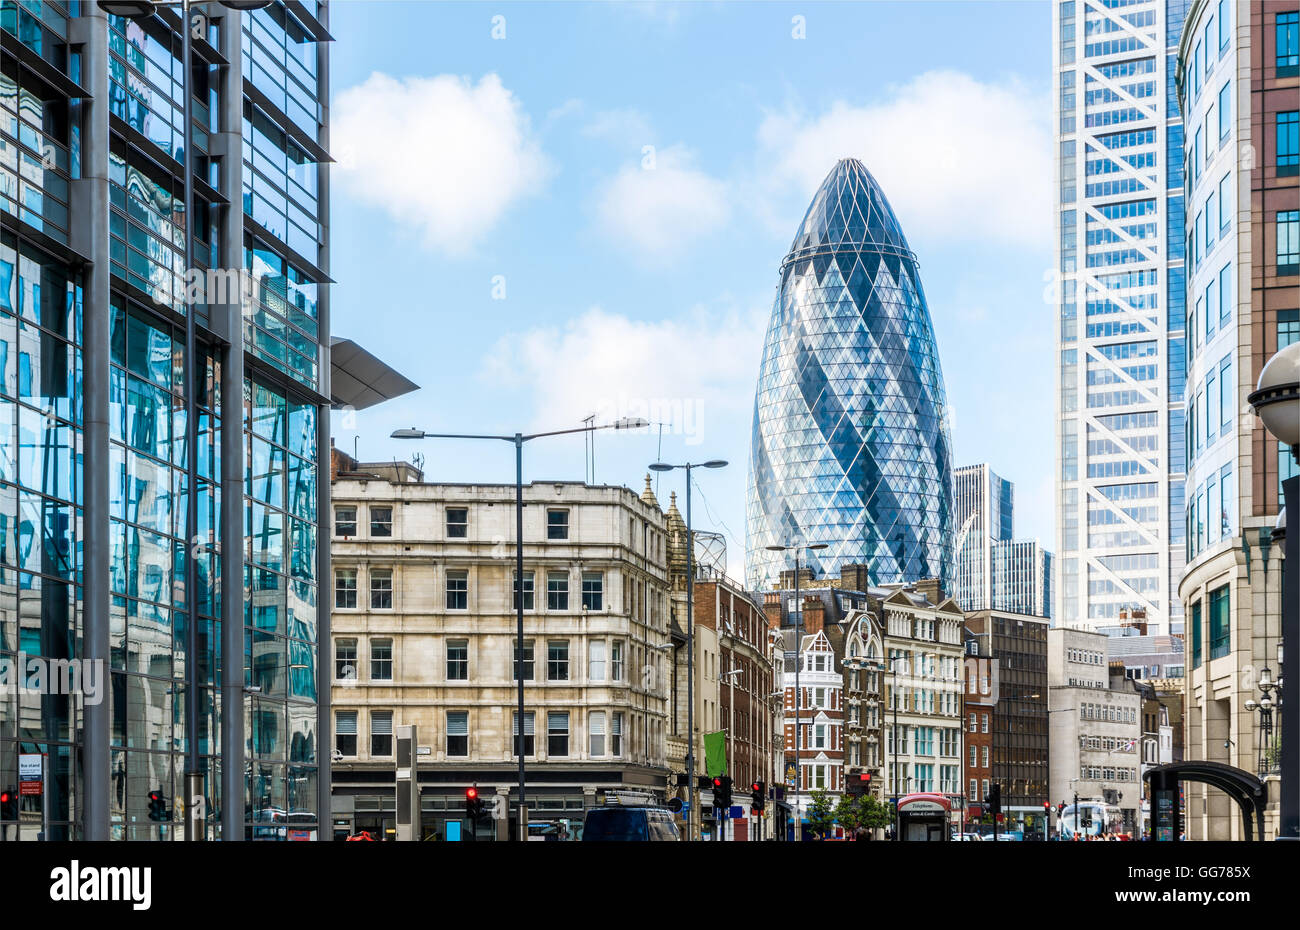 Vista de la ciudad de Londres en torno a la estación de Liverpool Street Imagen De Stock